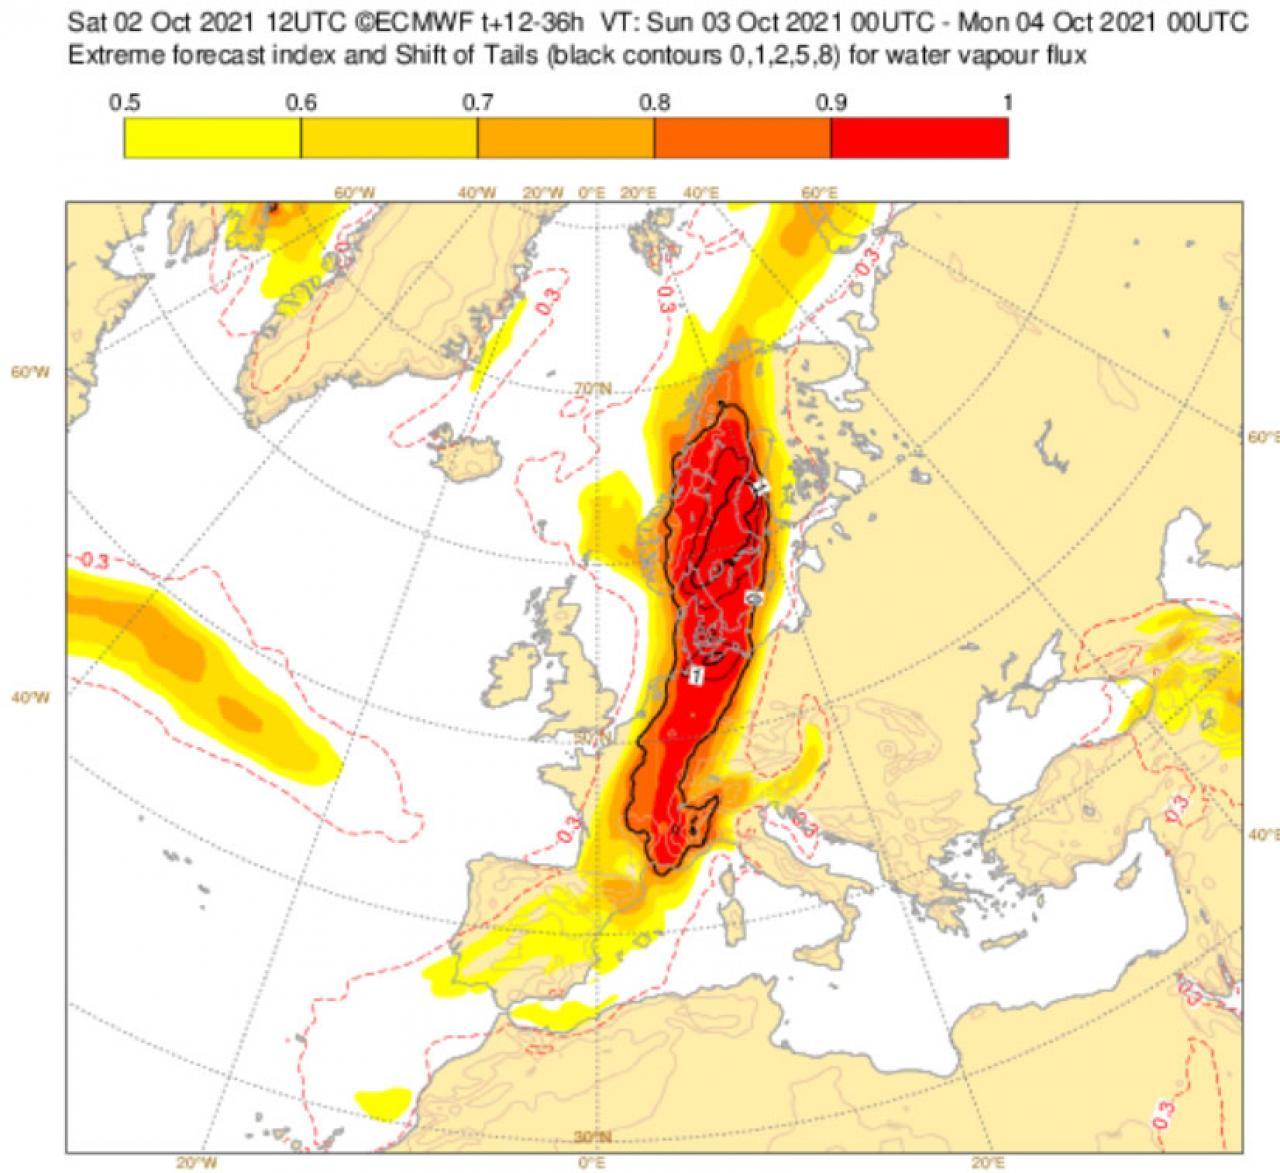 Extreme Forecast Index per flusso di vapore secondo Ecmwf